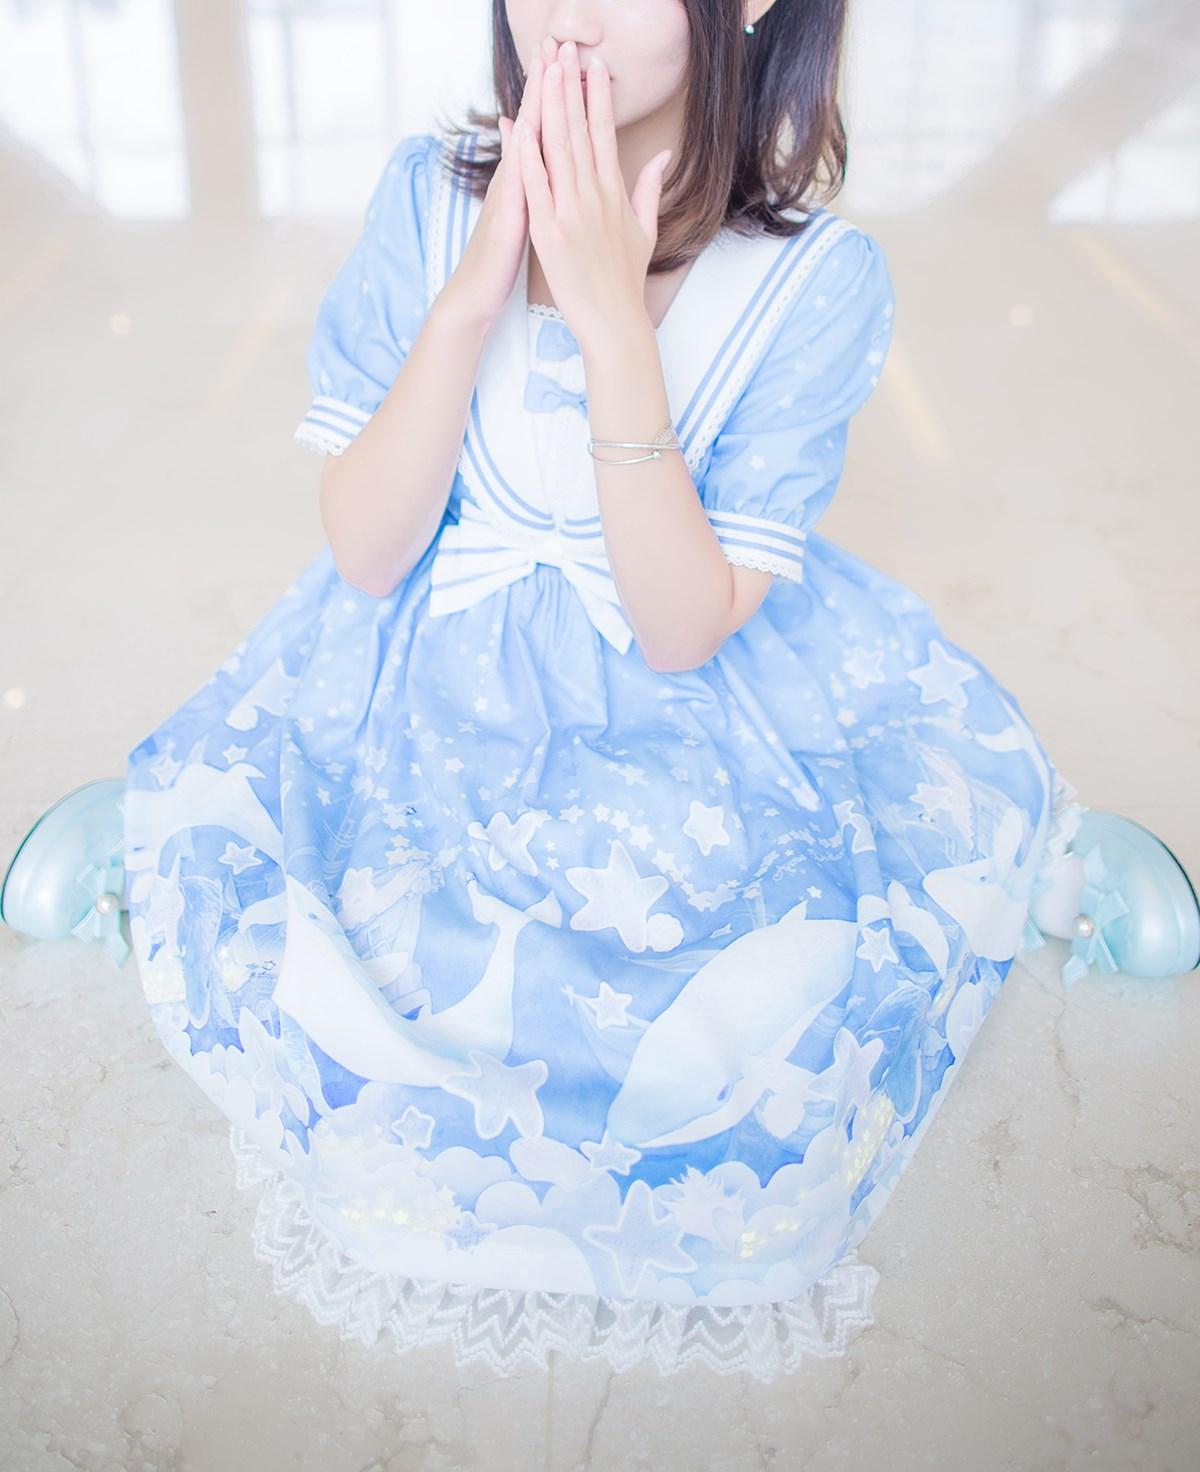 【兔玩映画】蓝色的LO娘 兔玩映画 第40张